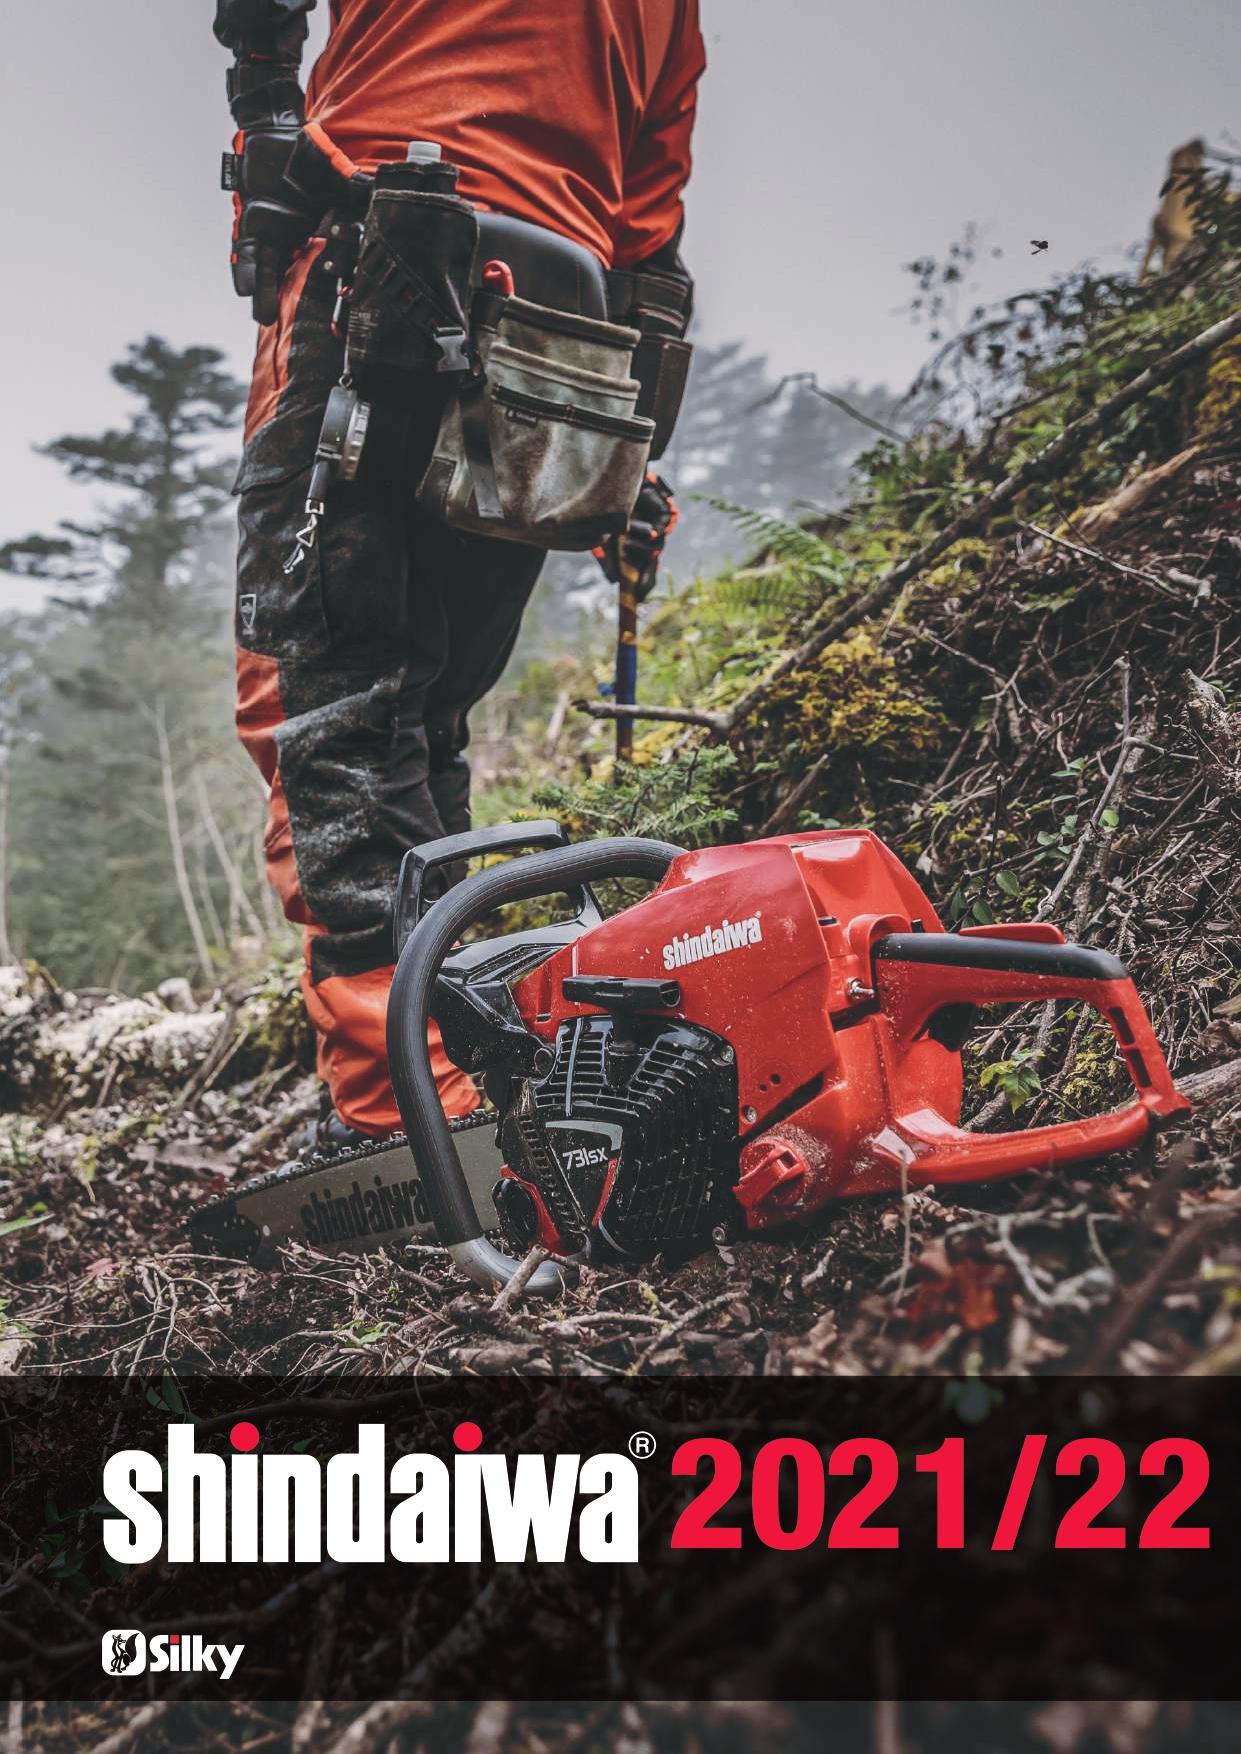 Catalogo Shindaiwa 2021/22